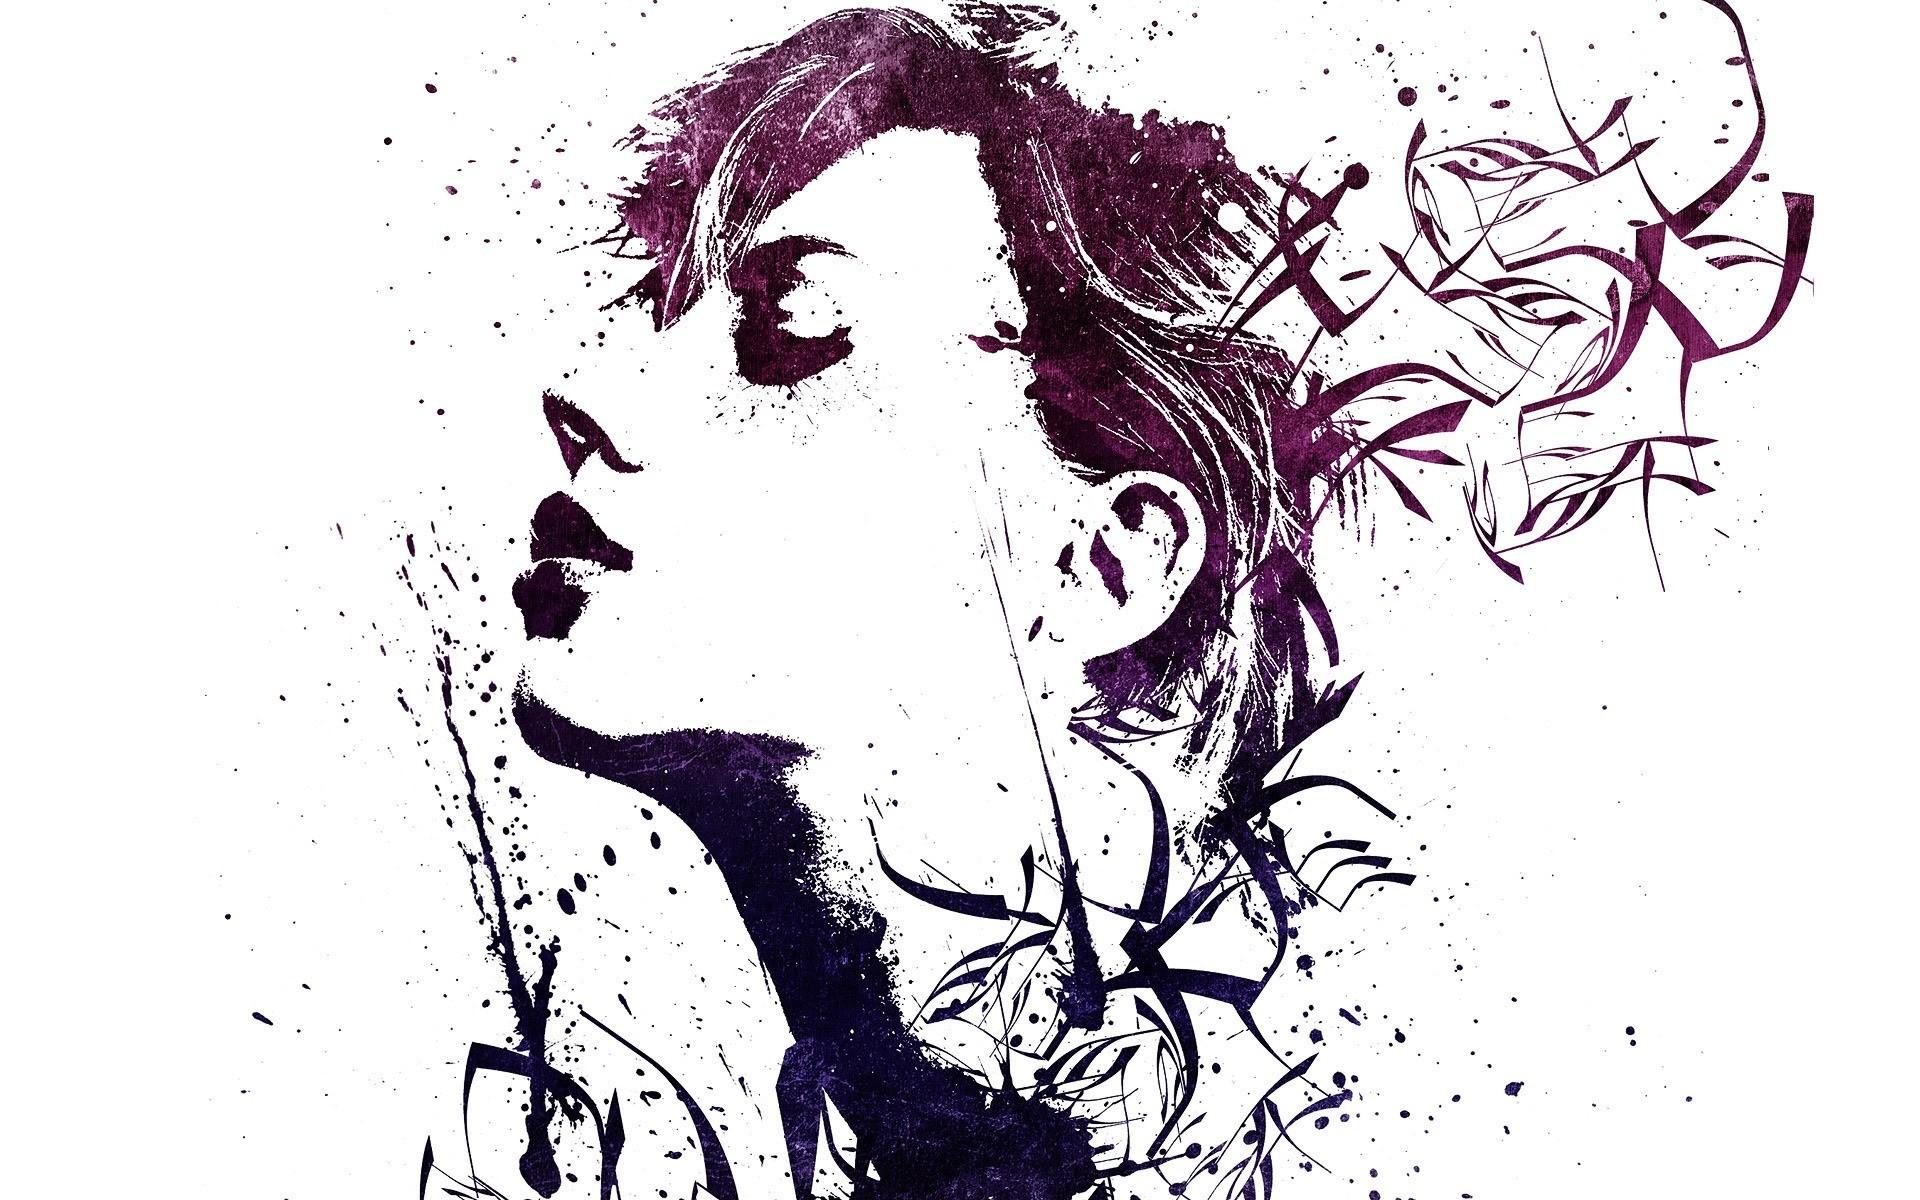 Wallpaper Illustration Artwork Cartoon Paint Splatter